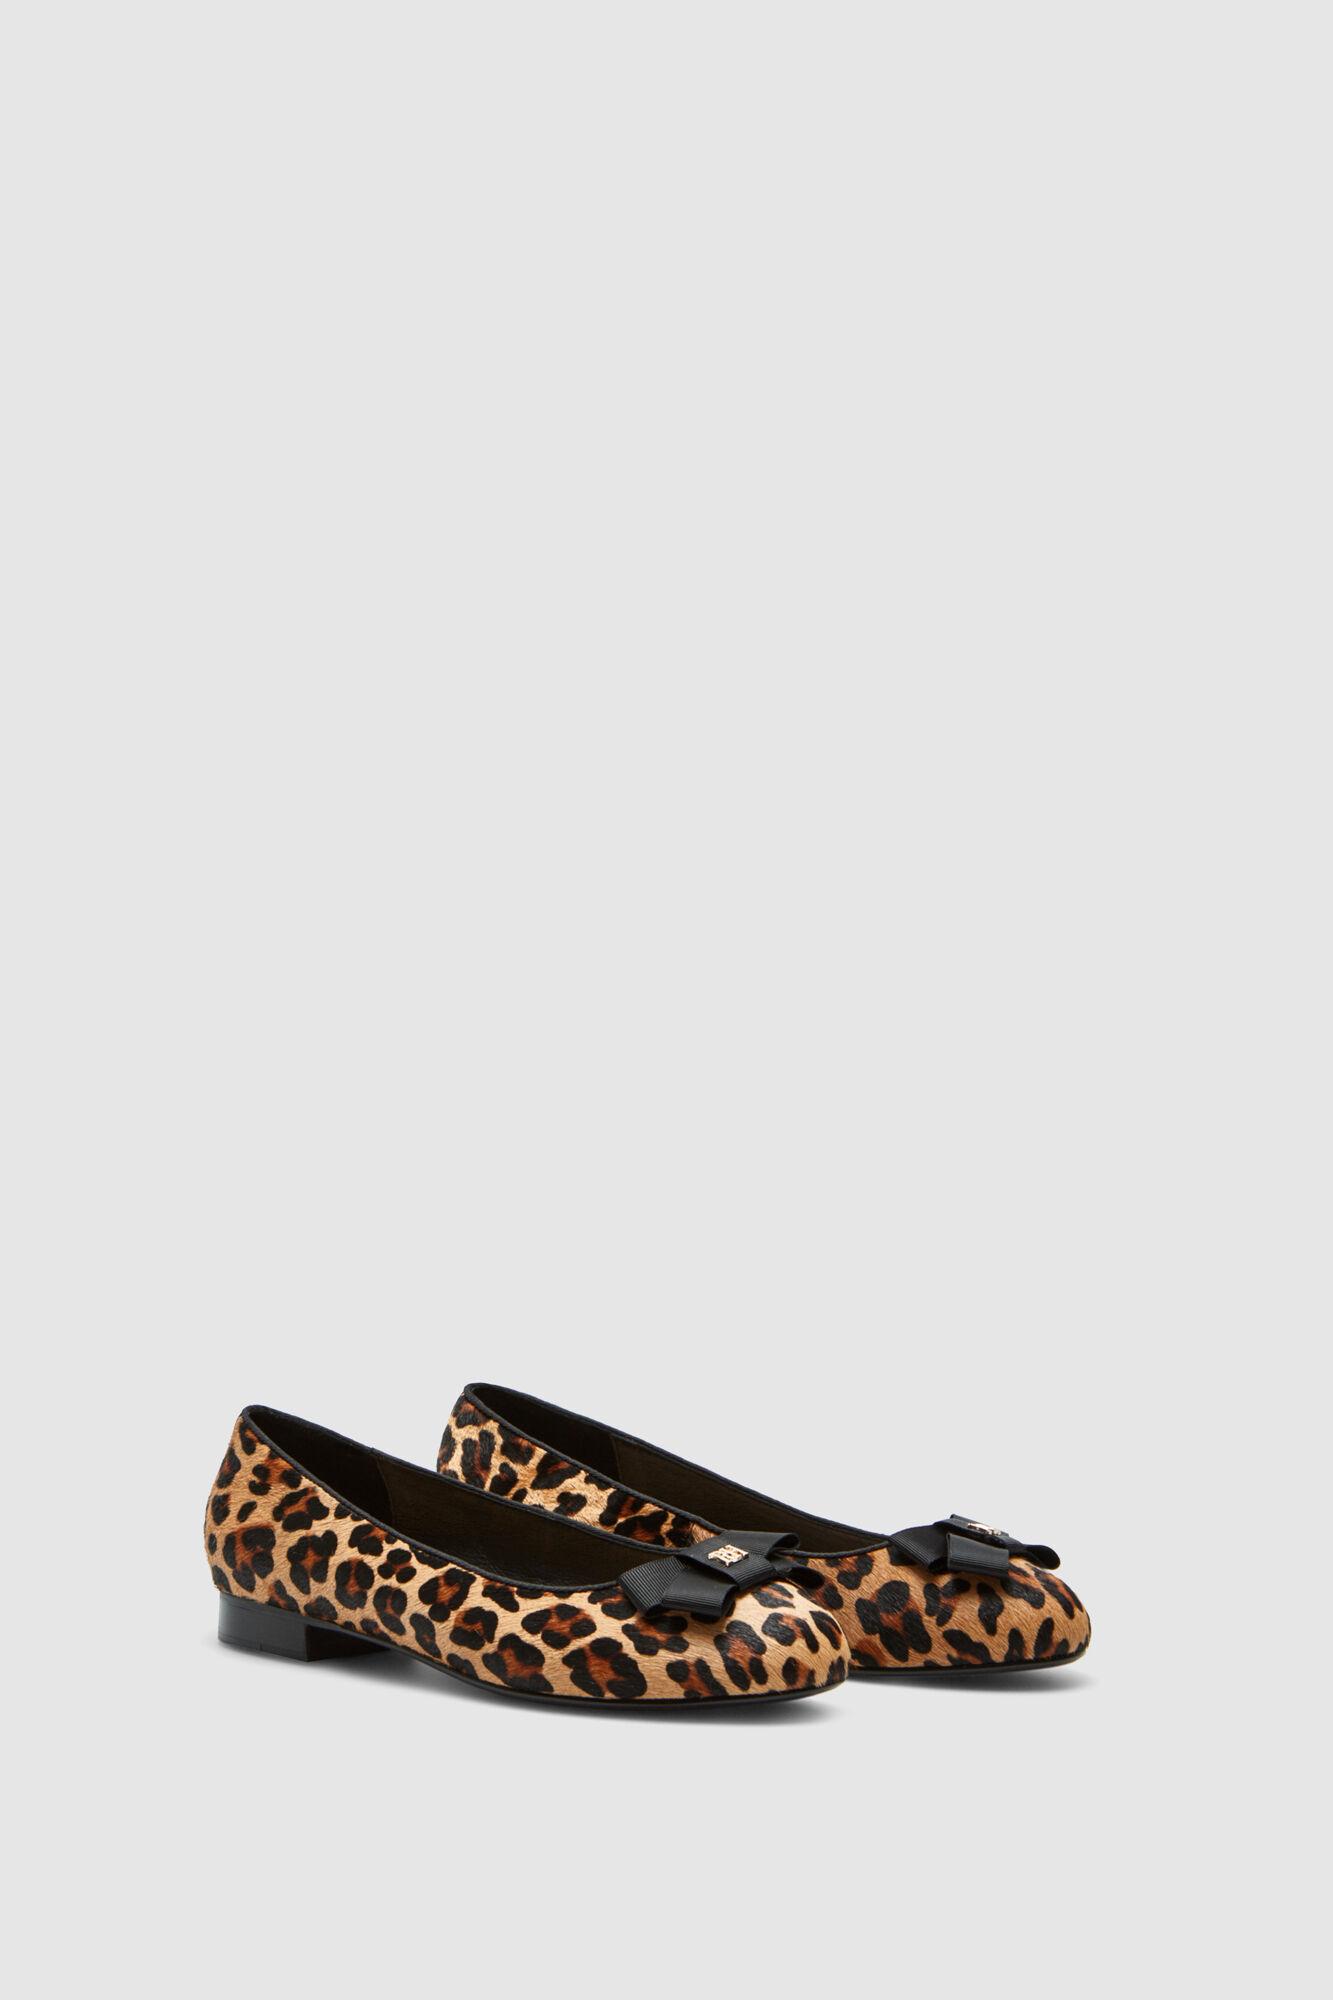 56cab2d2d0c8 Pedro del Hierro Leopard ballerinas Brown